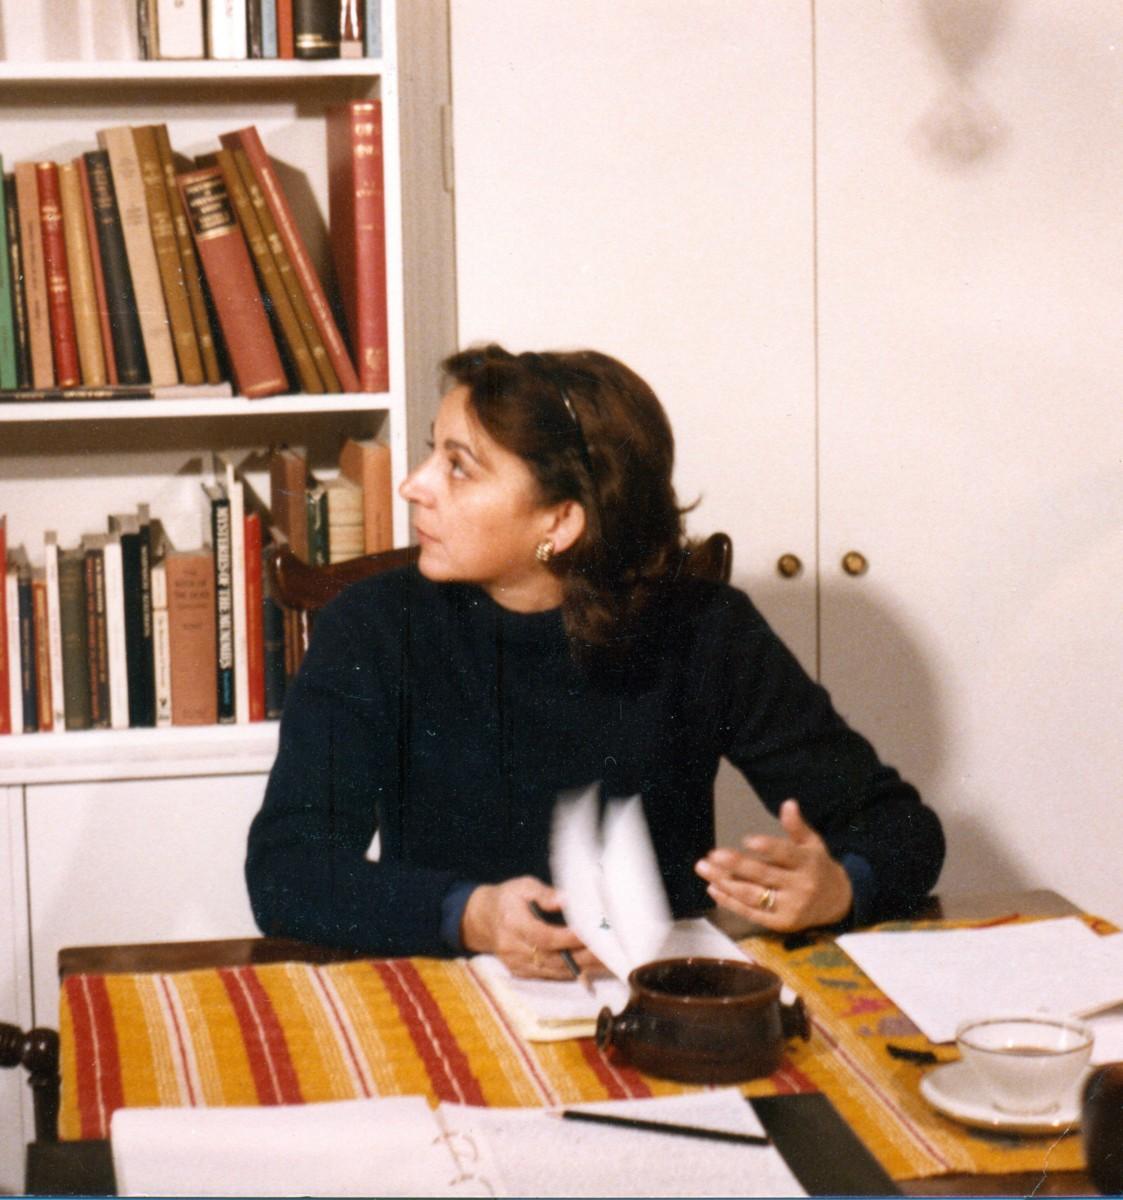 Εικ. 1. Η Έφη Σαπουνά-Σακελλαράκη στο σπίτι της Δροσιάς, 1985 (φωτ.: Γιώργος Σγουράκης).